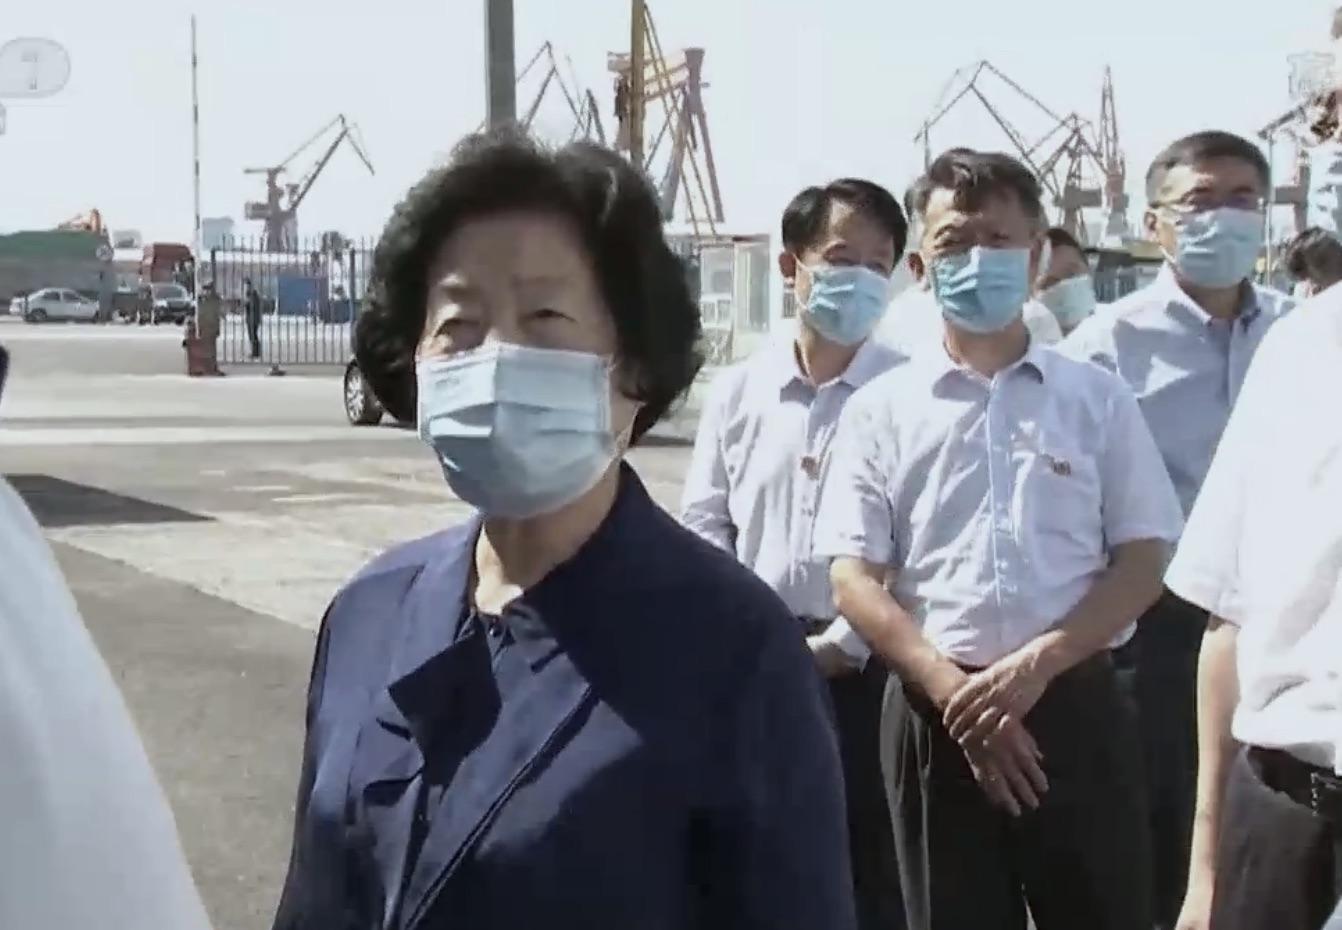 【一線採訪】孫春蘭急赴大連的背後